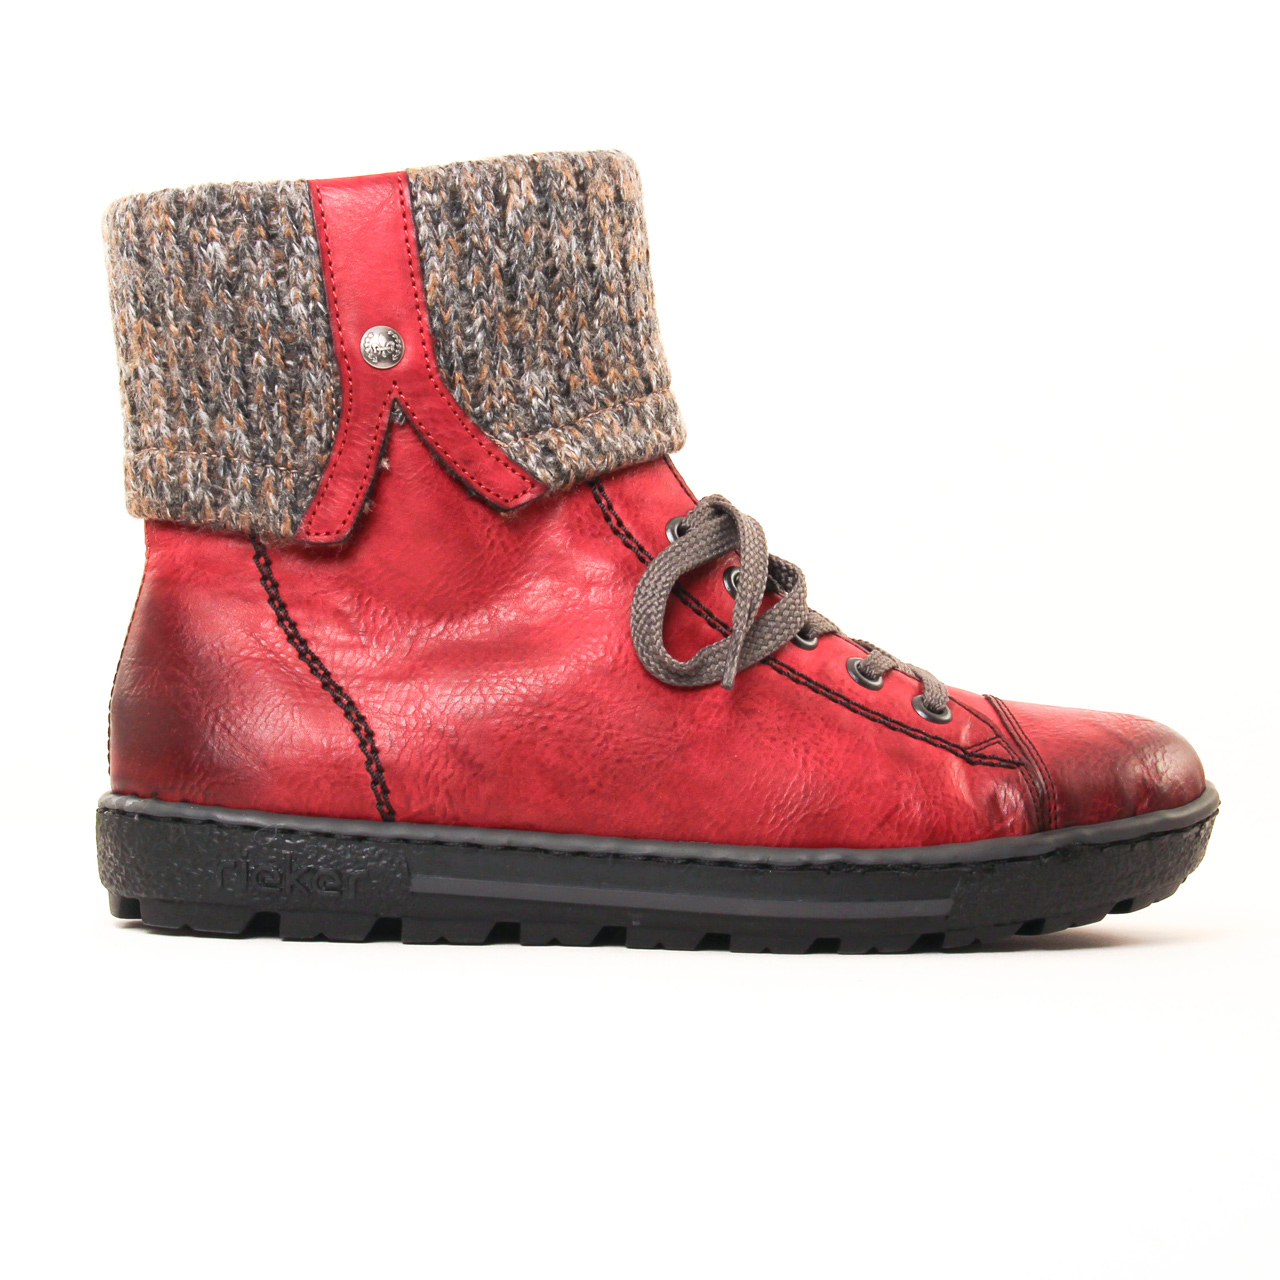 rieker z8753 rouge boot fourr es rouge automne hiver chez trois par 3. Black Bedroom Furniture Sets. Home Design Ideas